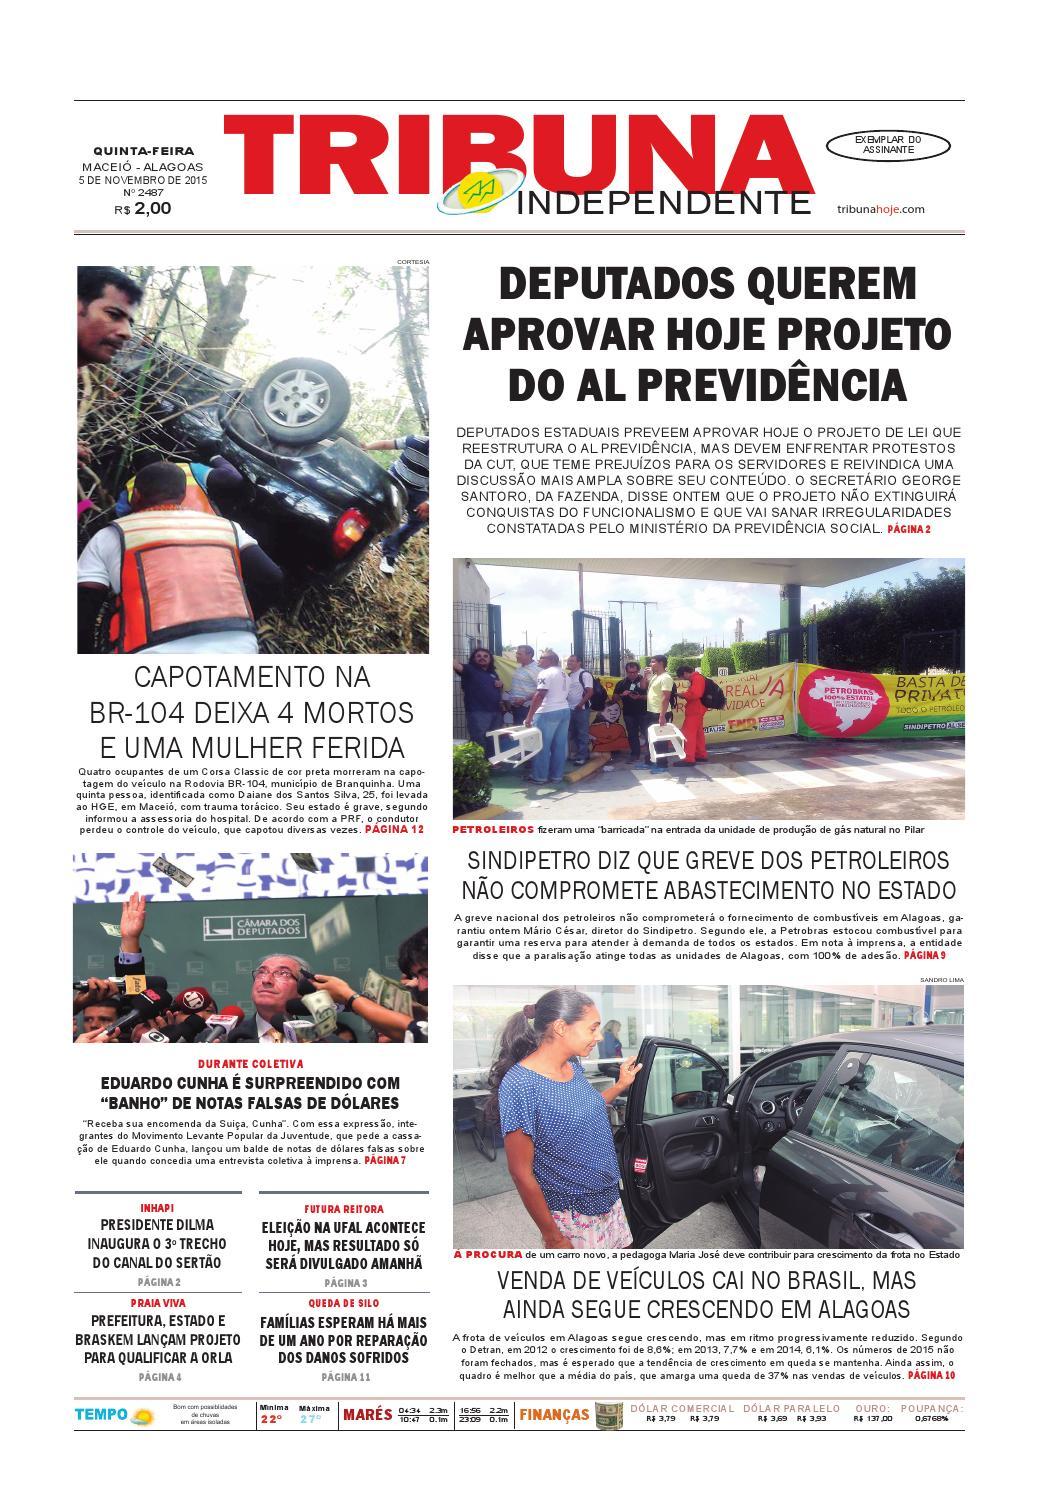 d72412588eb Edição número 2487 - 5 de novembro de 2015 by Tribuna Hoje - issuu